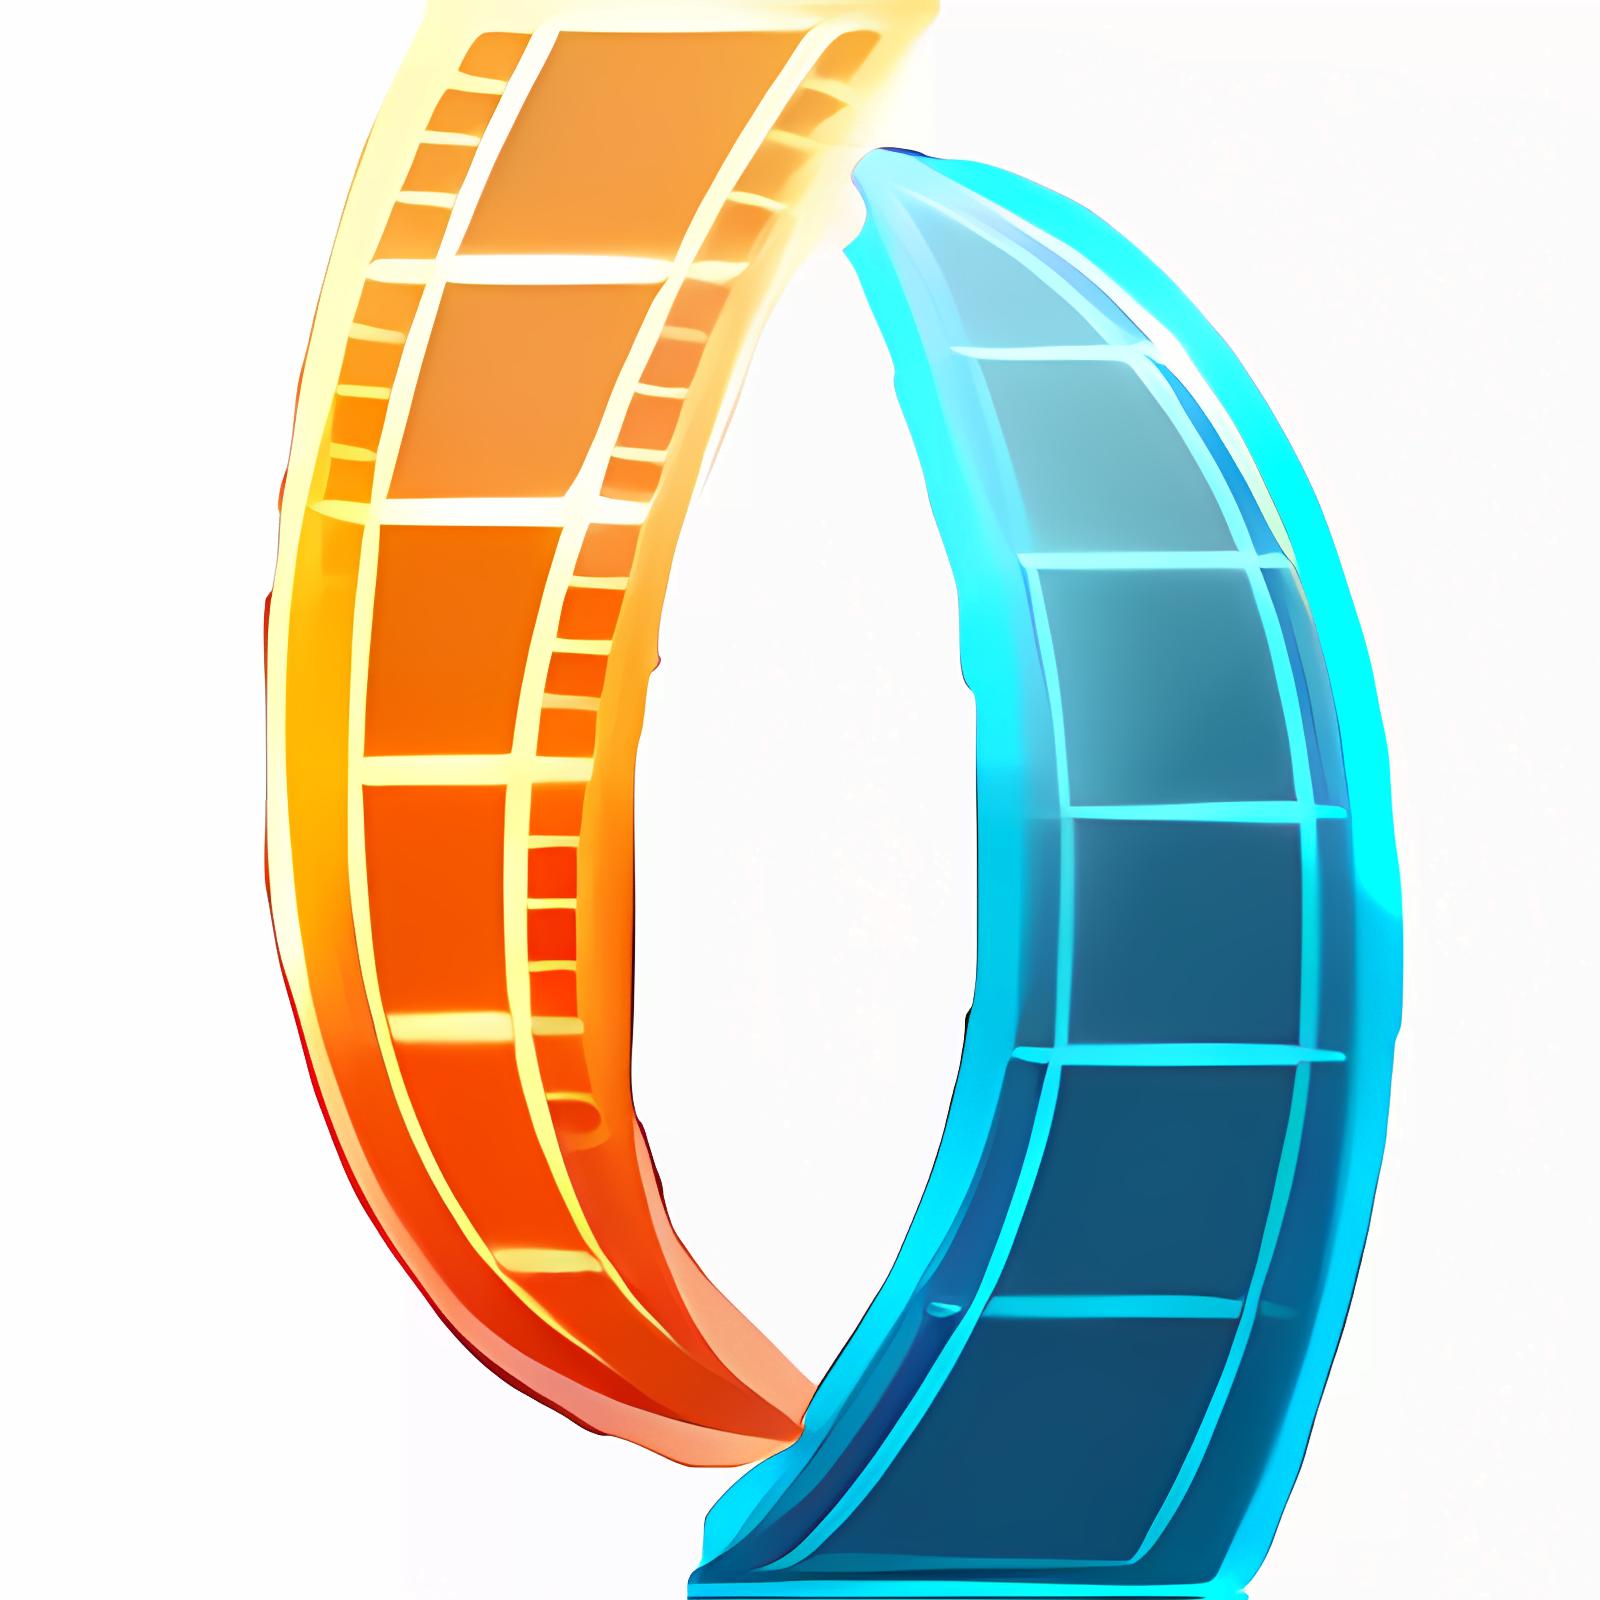 Konwerter Wideo dla Mac Apowersoft